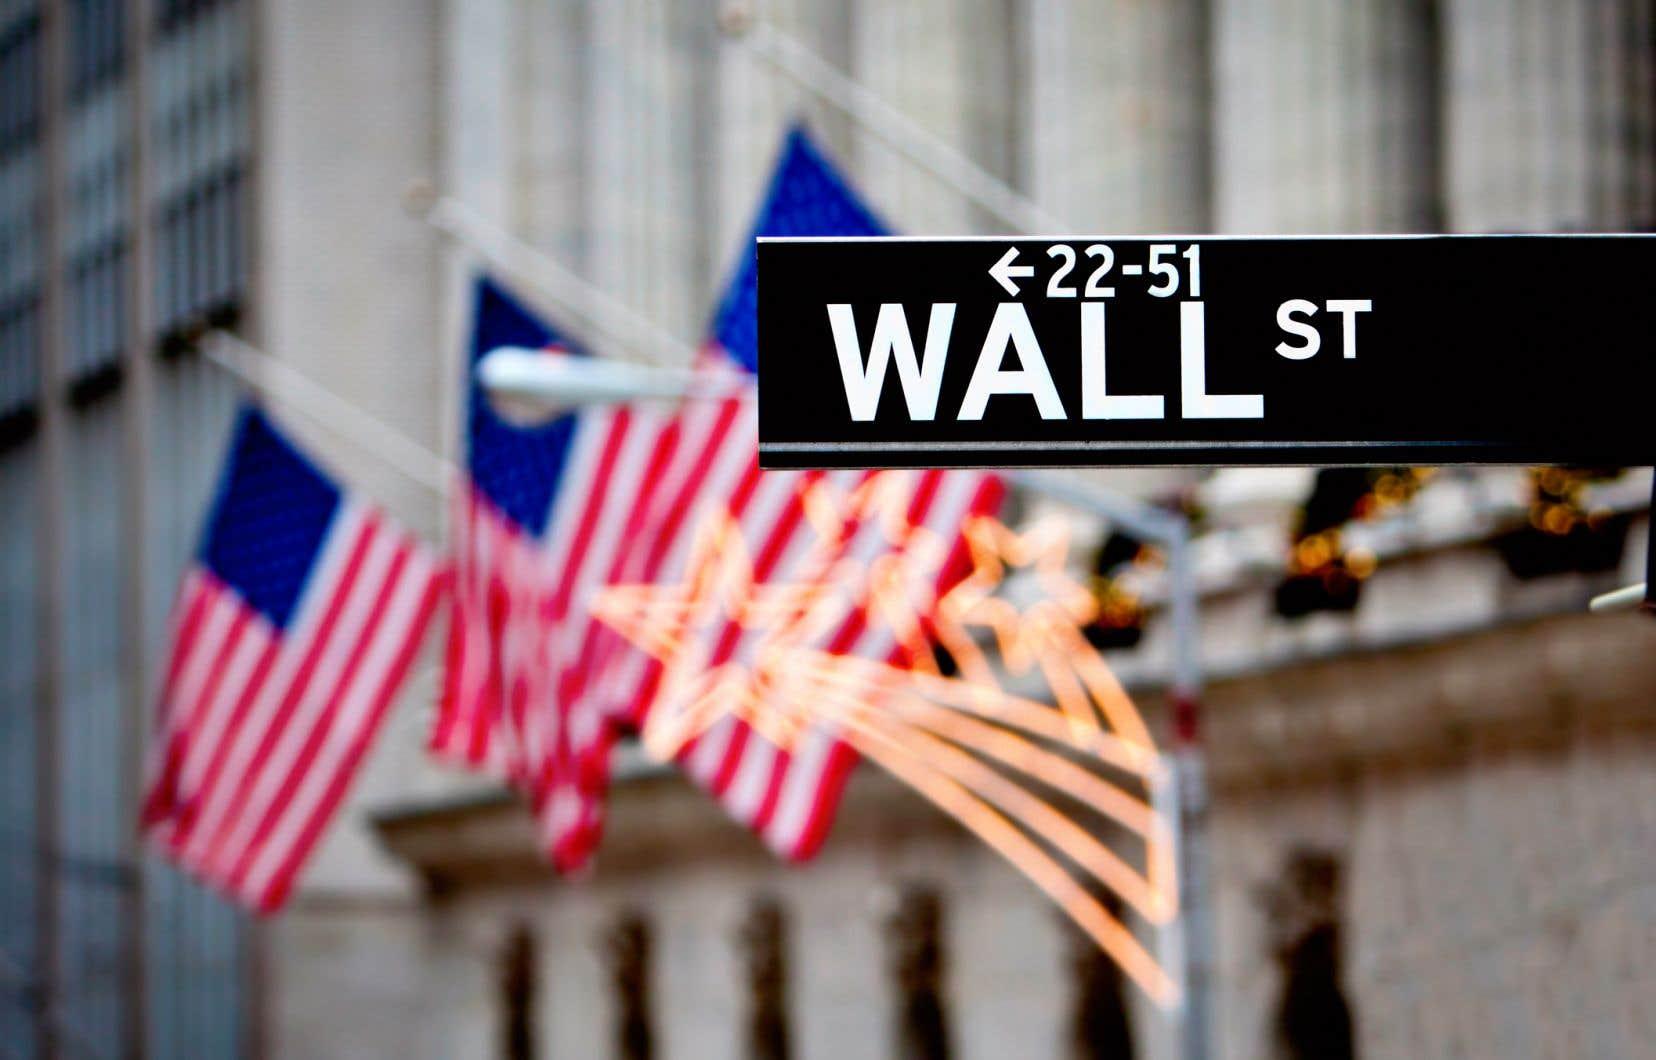 Le prix de référence à 250 $US de l'action représenterait la plus grosse valorisation pour l'introduction en Bourse d'une entreprise américaine depuis Uber en 2019.